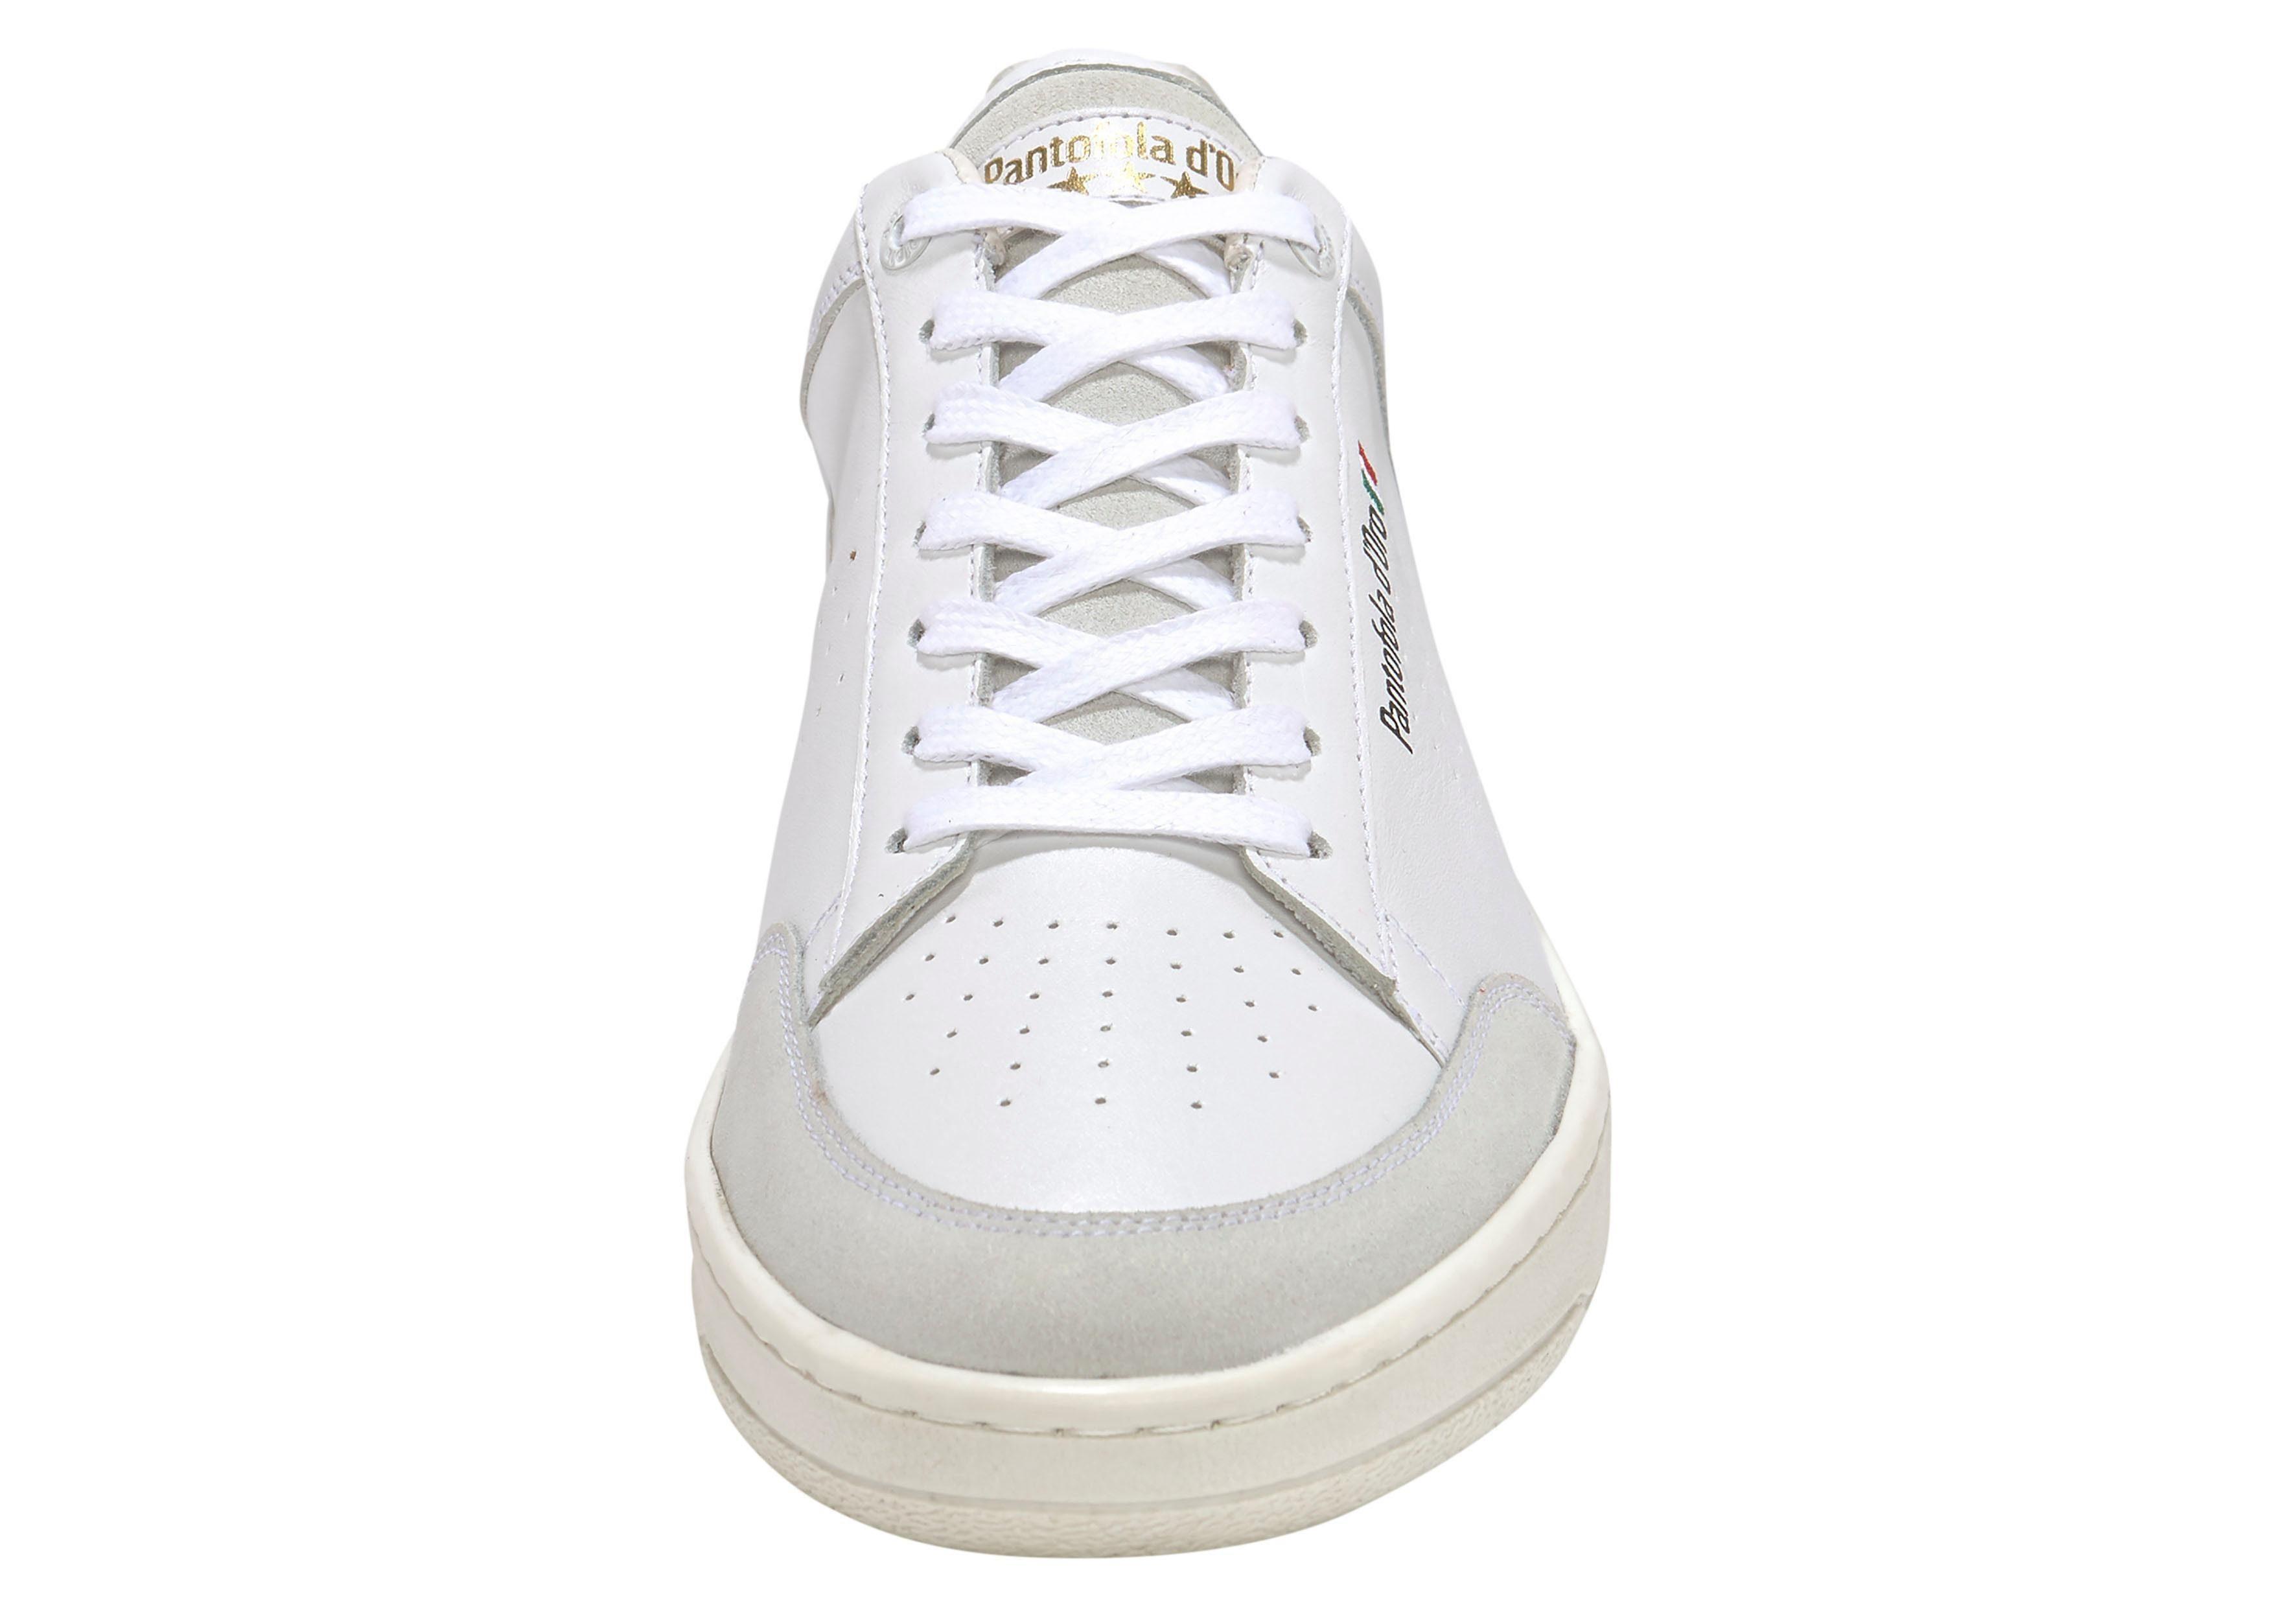 Pantofola D´oro Sneakers Caltaro Uomo Low Online Bestellen - Geweldige Prijs